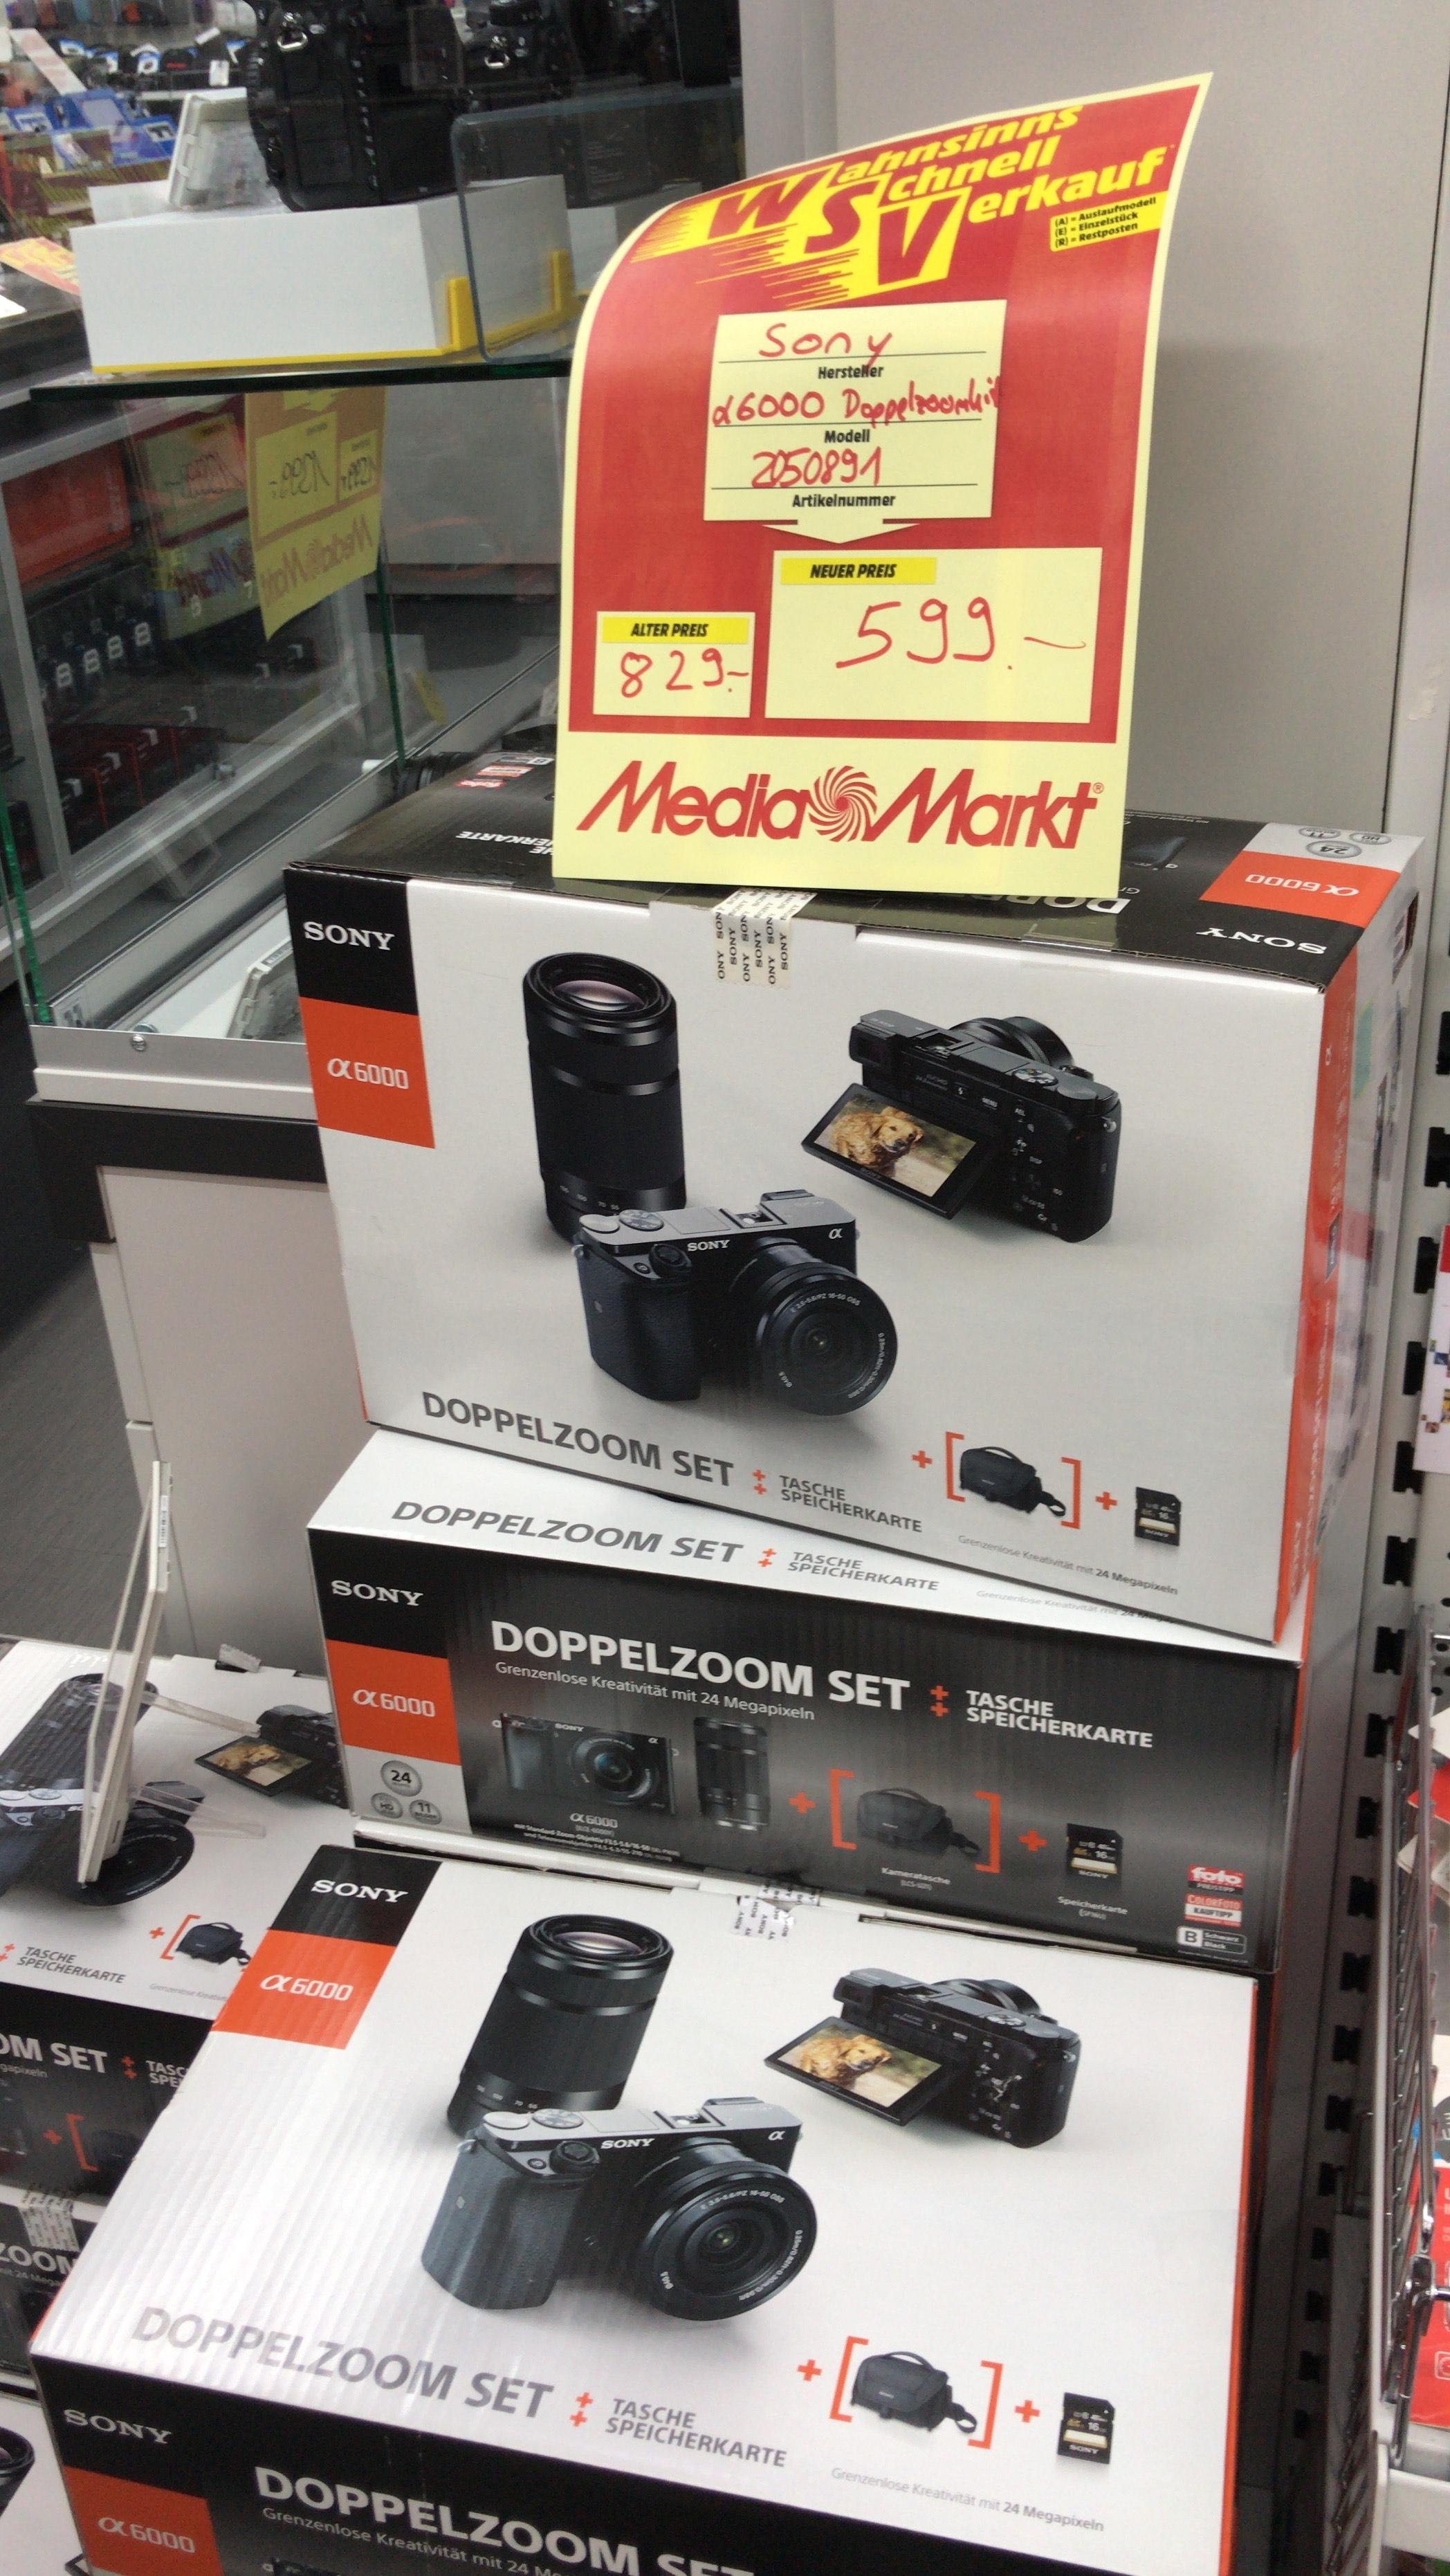 Sony Alpha 6000 Doppelzoom Set im MediaMarkt Ludwigsburg